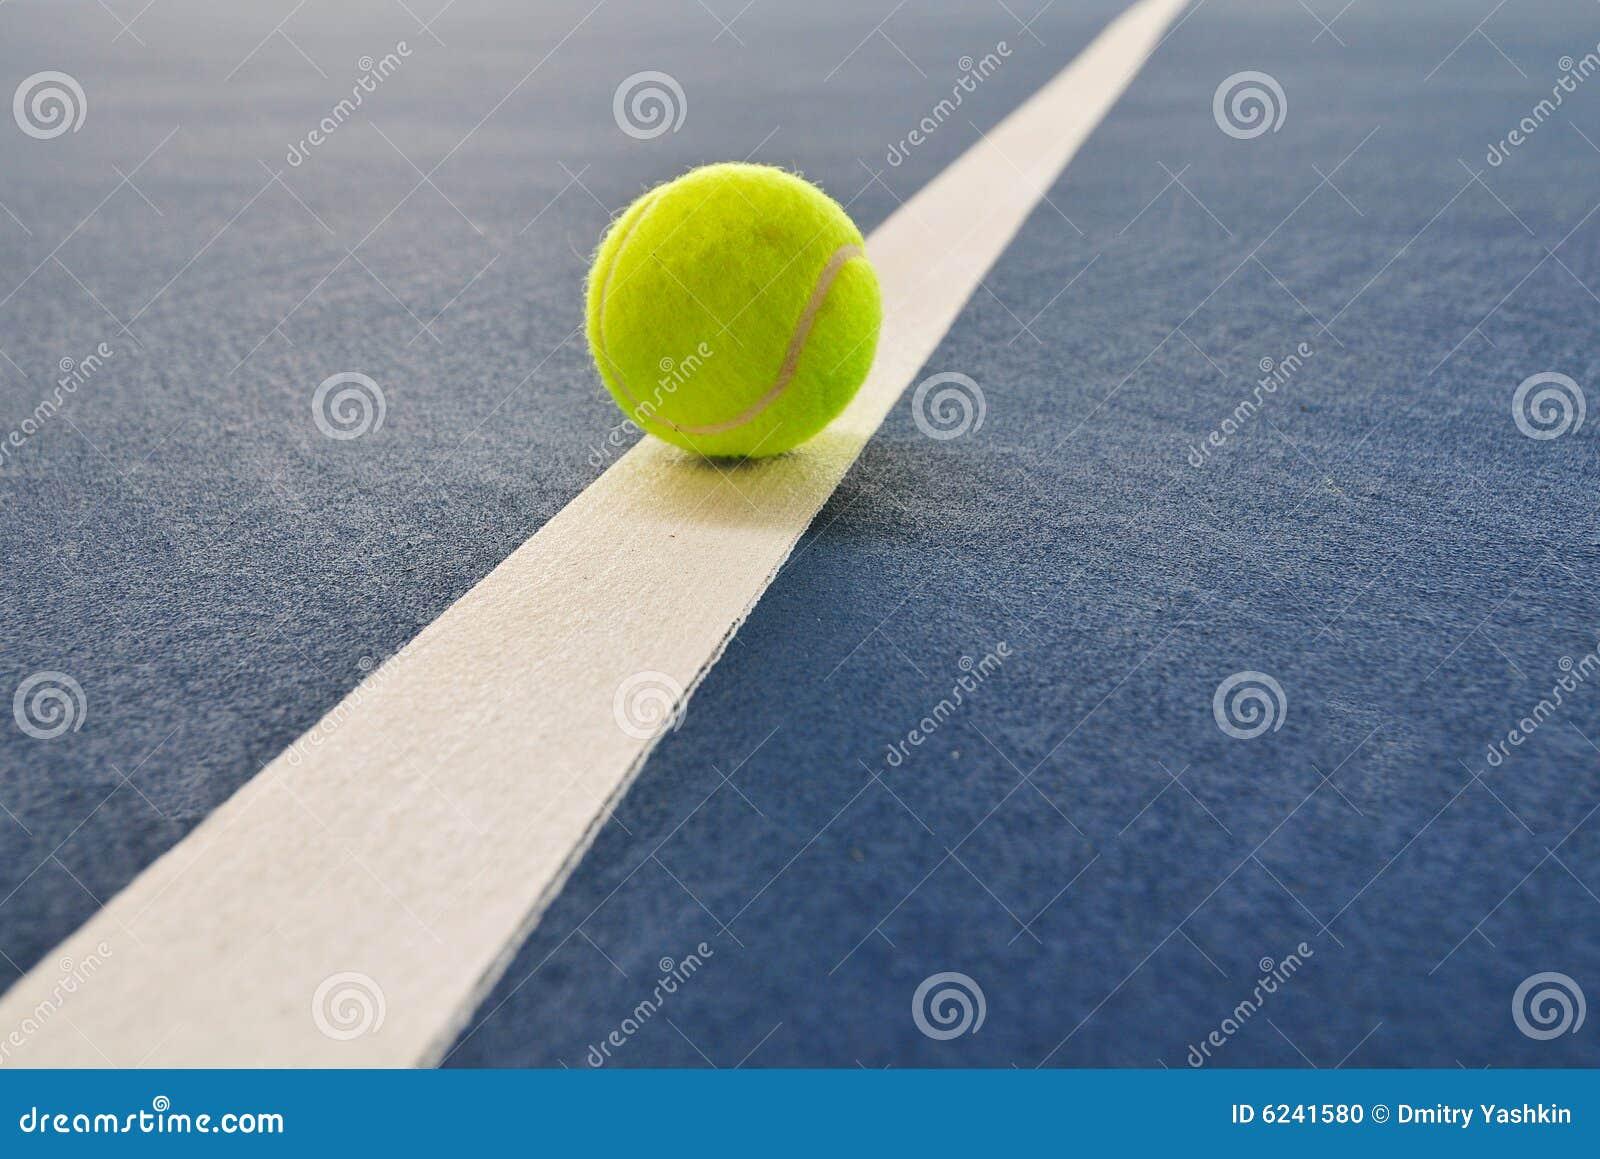 Esfera de tênis apenas na linha